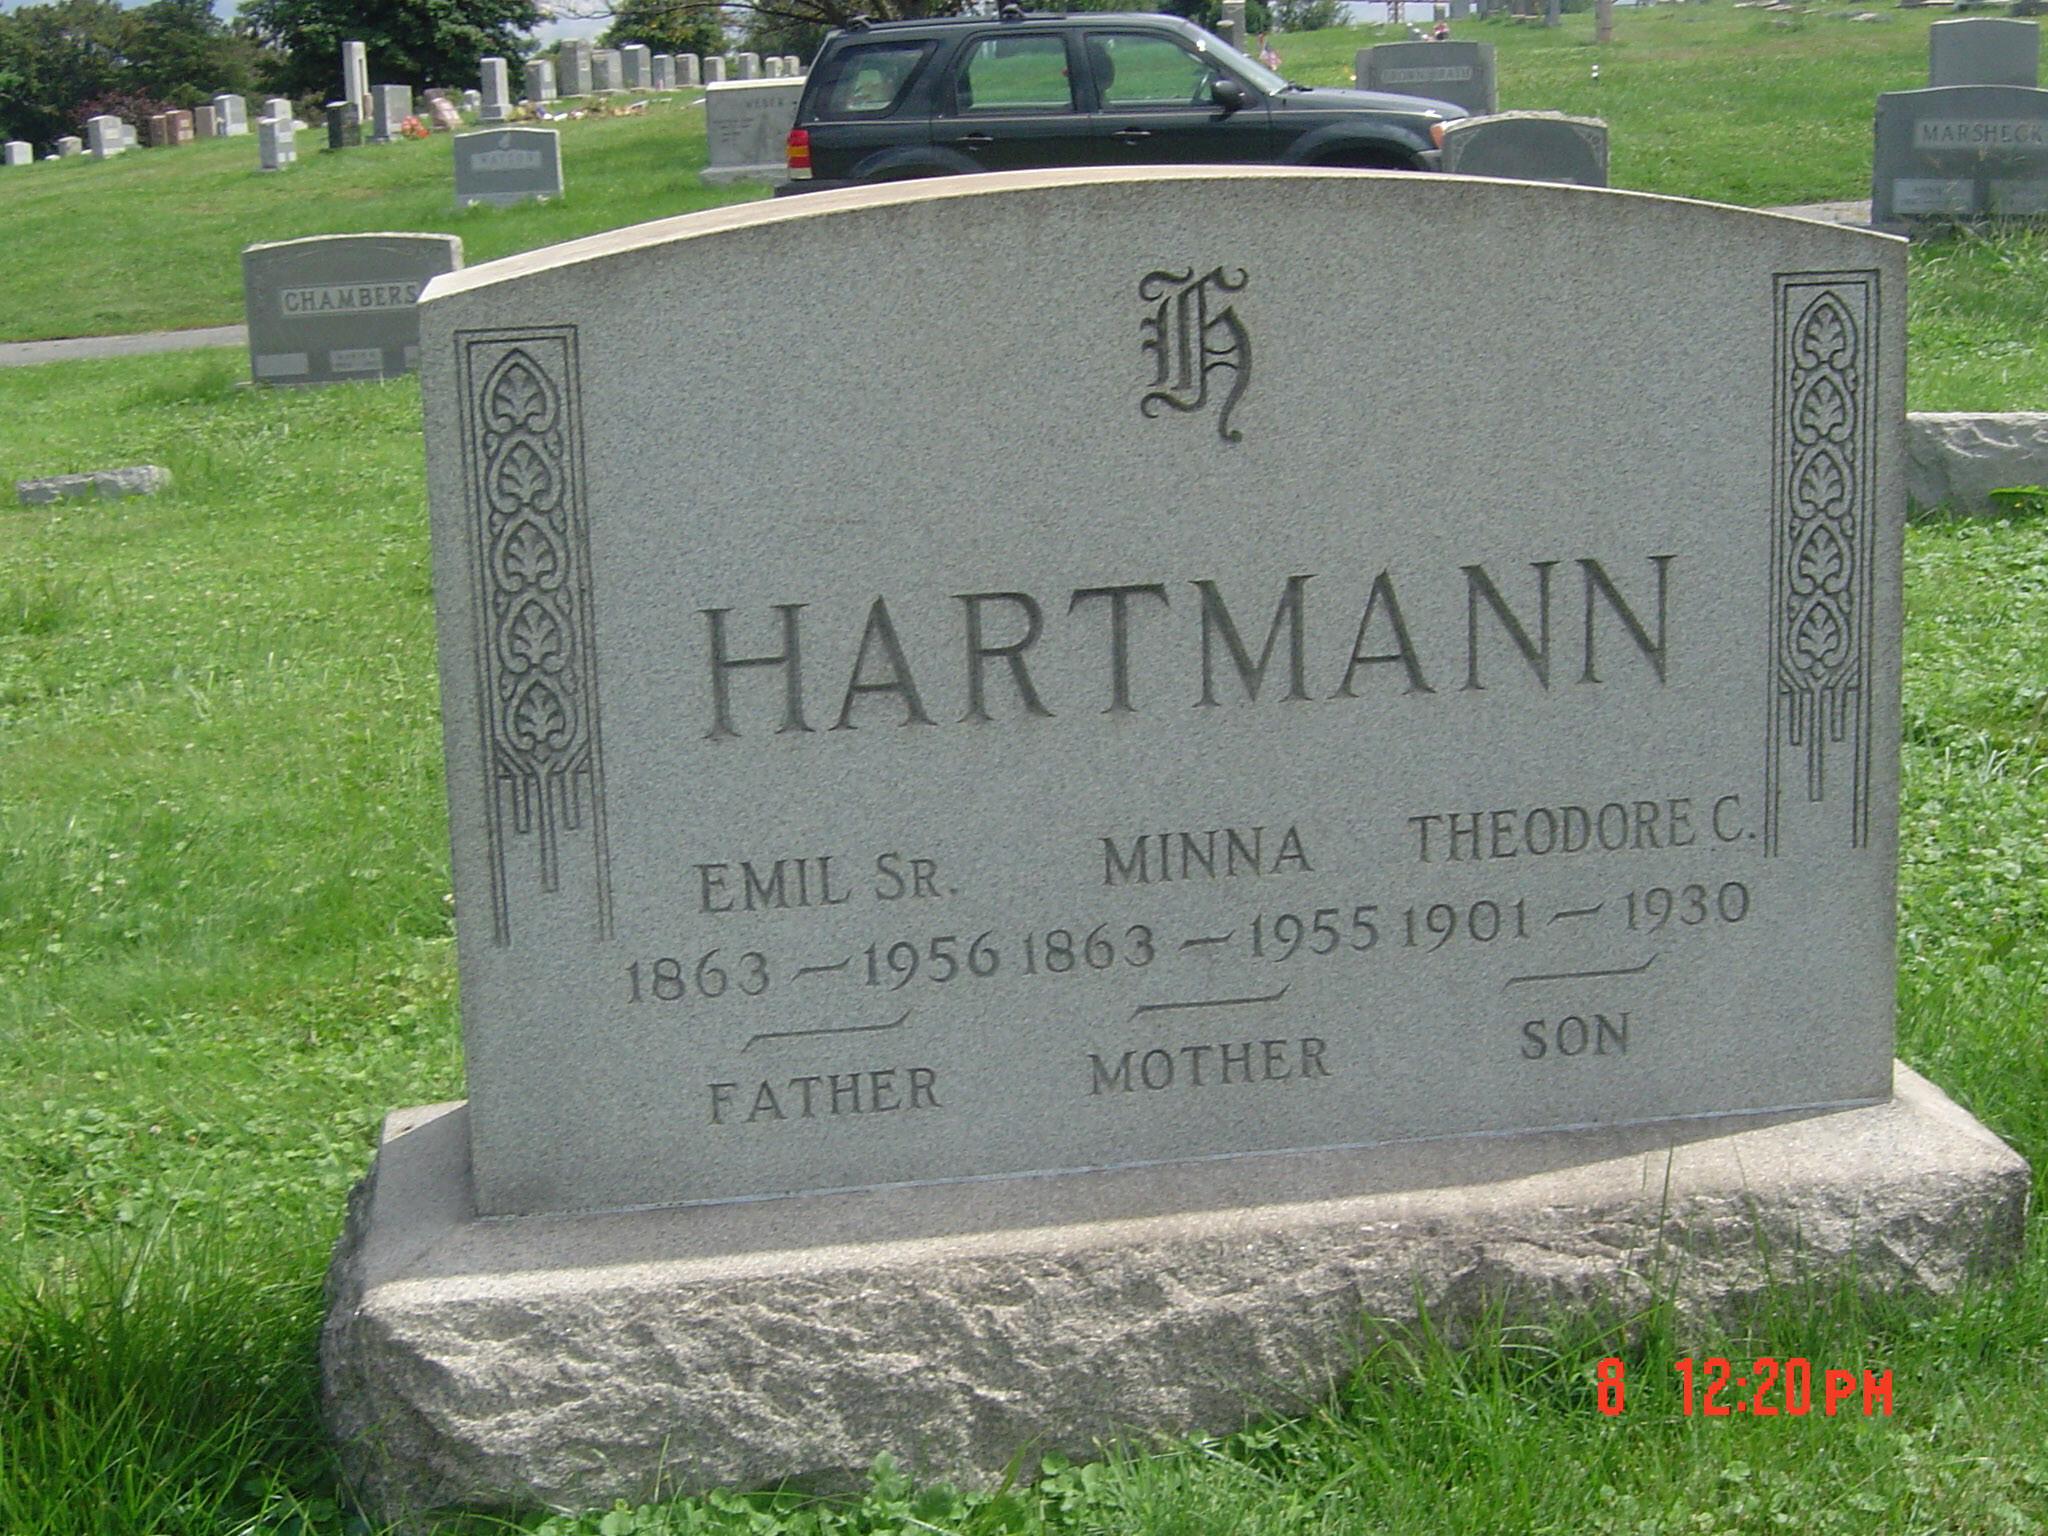 Charles Hartmann